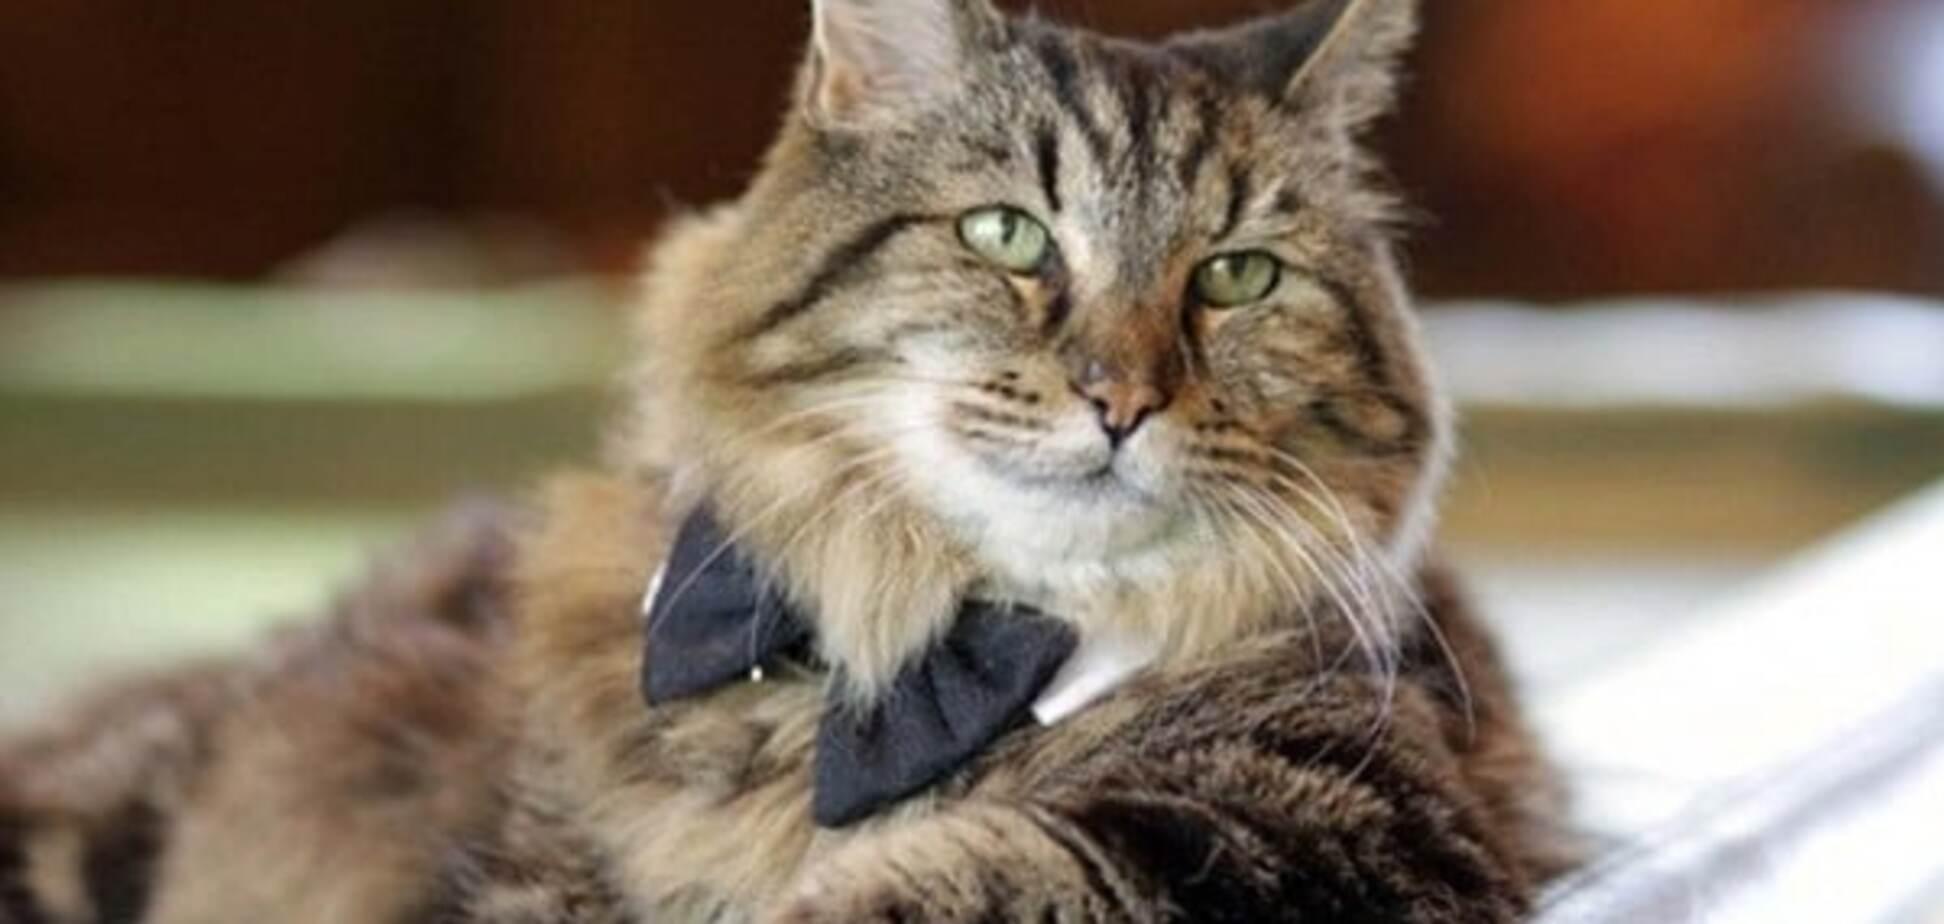 Седеют ли кошки? могут поседеть в старости?  - животные и растения - вопросы и ответы